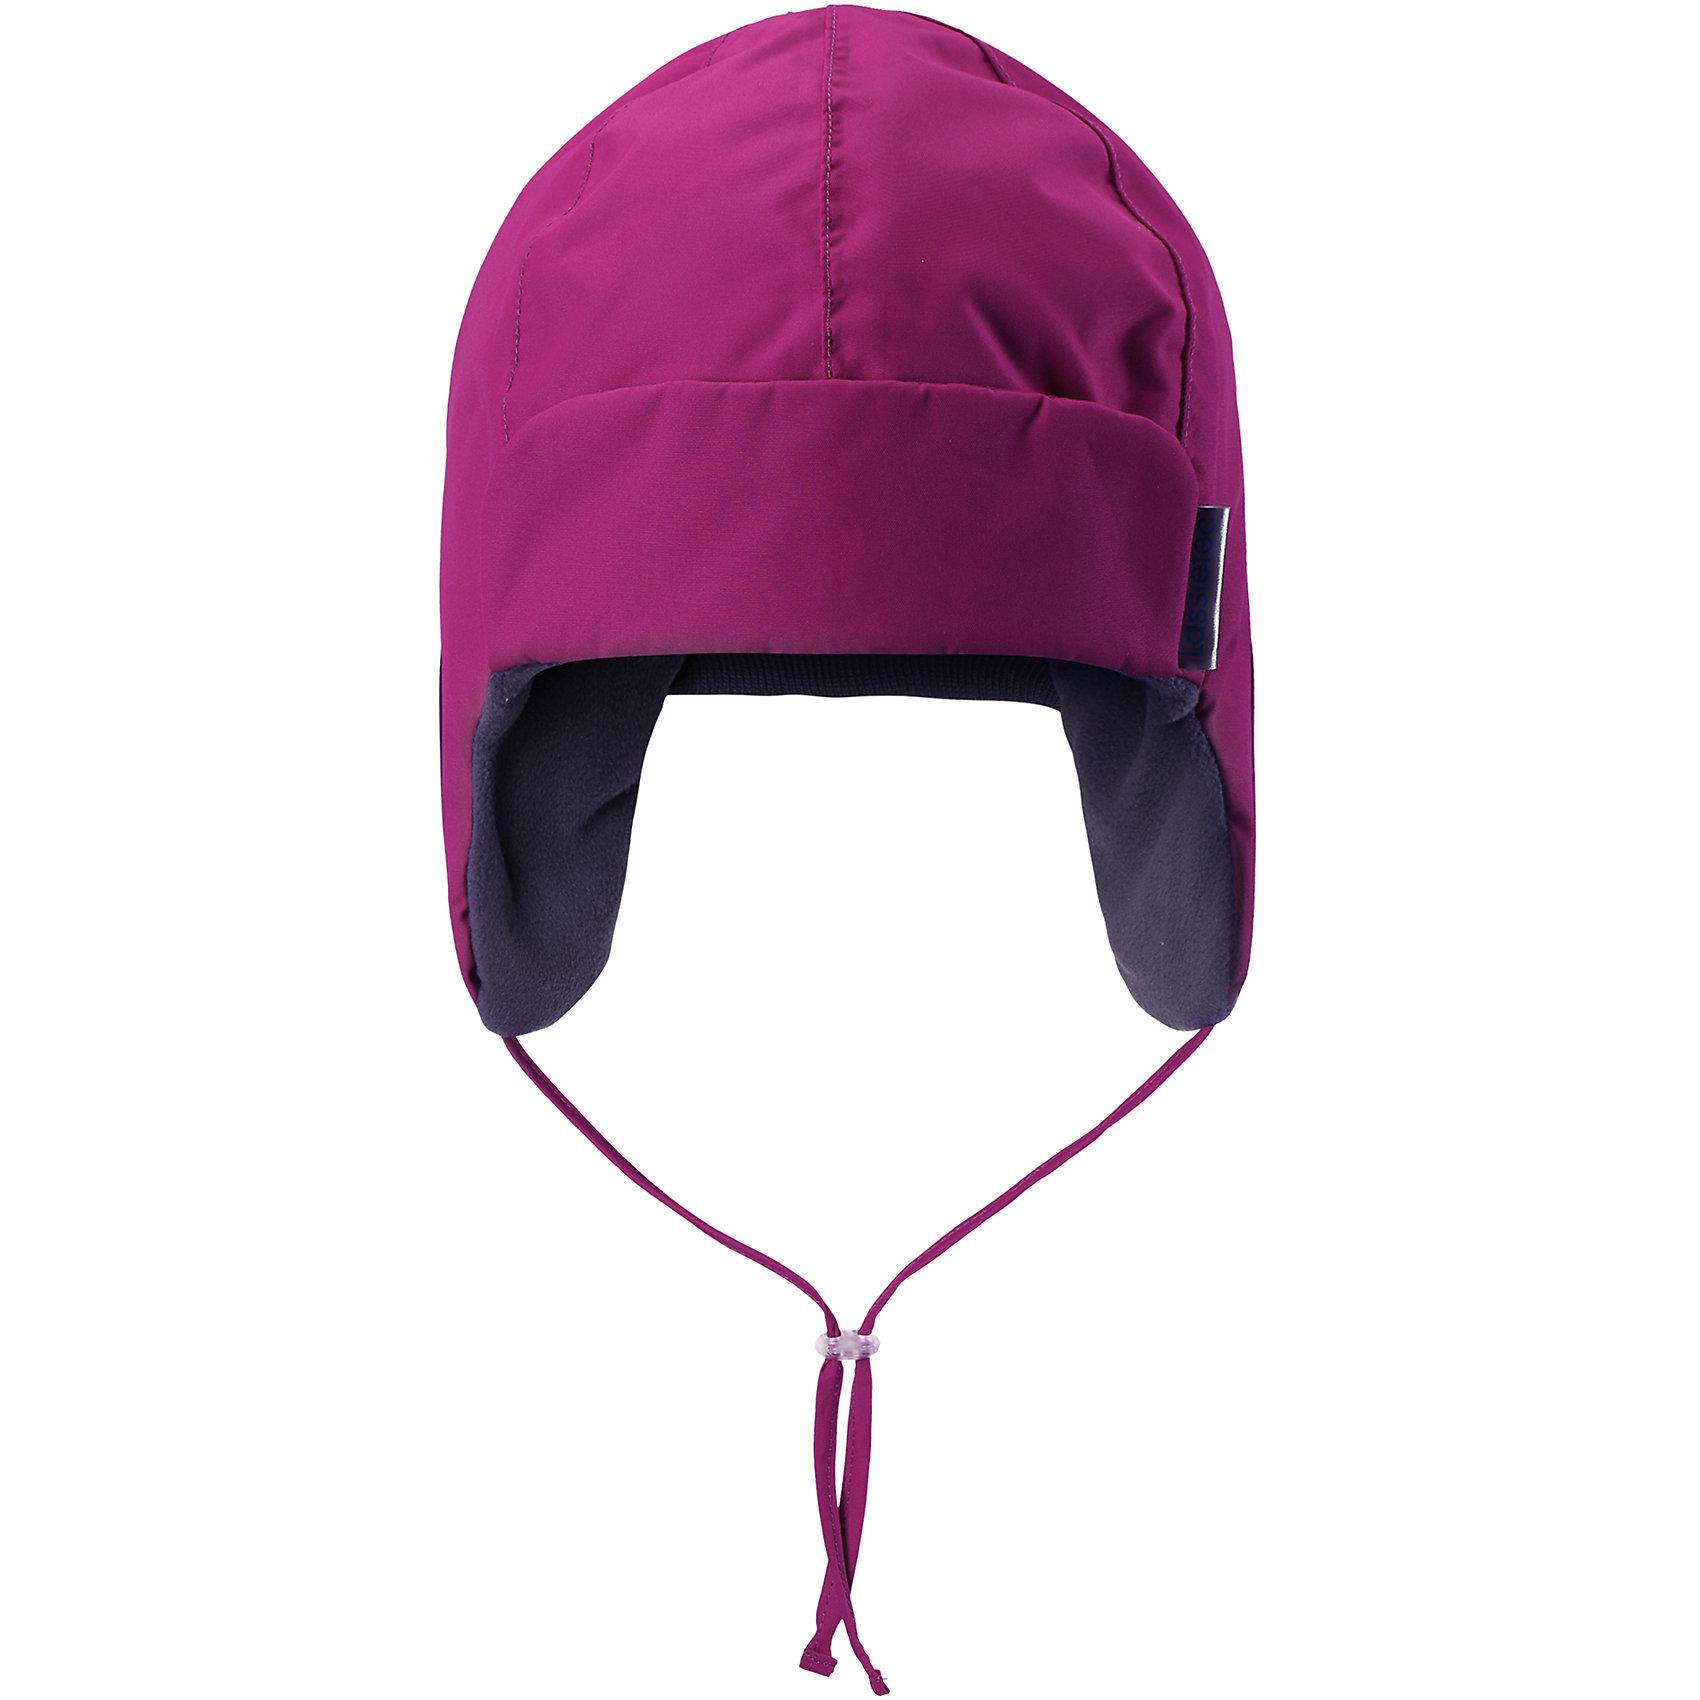 Шапка Lassietec LassieШапки и шарфы<br>Характеристики товара:<br><br>• цвет: розовый;<br>• состав: 100% полиэстер;<br>• подкладка: 100% полиэстер, флис;<br>• утеплитель: 120 г/м2;<br>• сезон: зима;<br>• температурный режим: от 0 до -20С;<br>• водонепроницаемость: 5000 мм;<br>• воздухопроницаемость: 5000 мм<br>• износостойкость: 20000 (тест Мартиндейла);<br>• особенности: на завязках, на флисовой подкладке;<br>• застежка: эластичные завязки;<br>• все швы проклеены и водонепроницаемы;<br>• водоотталкивающий, ветронепроницаемый и дышащий материал;<br>• стильный защитный козырек;<br>• сплошная подкладка: мягкий, теплый флис;<br>• светоотражающая эмблема спереди;<br>• страна бренда: Финляндия;<br>• страна изготовитель: Китай;<br><br>Зимняя шапка на завязках. Шапка на подкладке из флиса очень приятна на ощупь, а благодаря водонепроницаемому, ветронепроницаемому и дышащему материалу шапка абсолютно непромокаемая. Светоотражающая эмблема Lassie® спереди.<br><br>Шапку Lassietec Lassie (Ласси) можно купить в нашем интернет-магазине.<br><br>Ширина мм: 89<br>Глубина мм: 117<br>Высота мм: 44<br>Вес г: 155<br>Цвет: розовый<br>Возраст от месяцев: 36<br>Возраст до месяцев: 48<br>Пол: Унисекс<br>Возраст: Детский<br>Размер: 50,46,48,52,54<br>SKU: 6927239